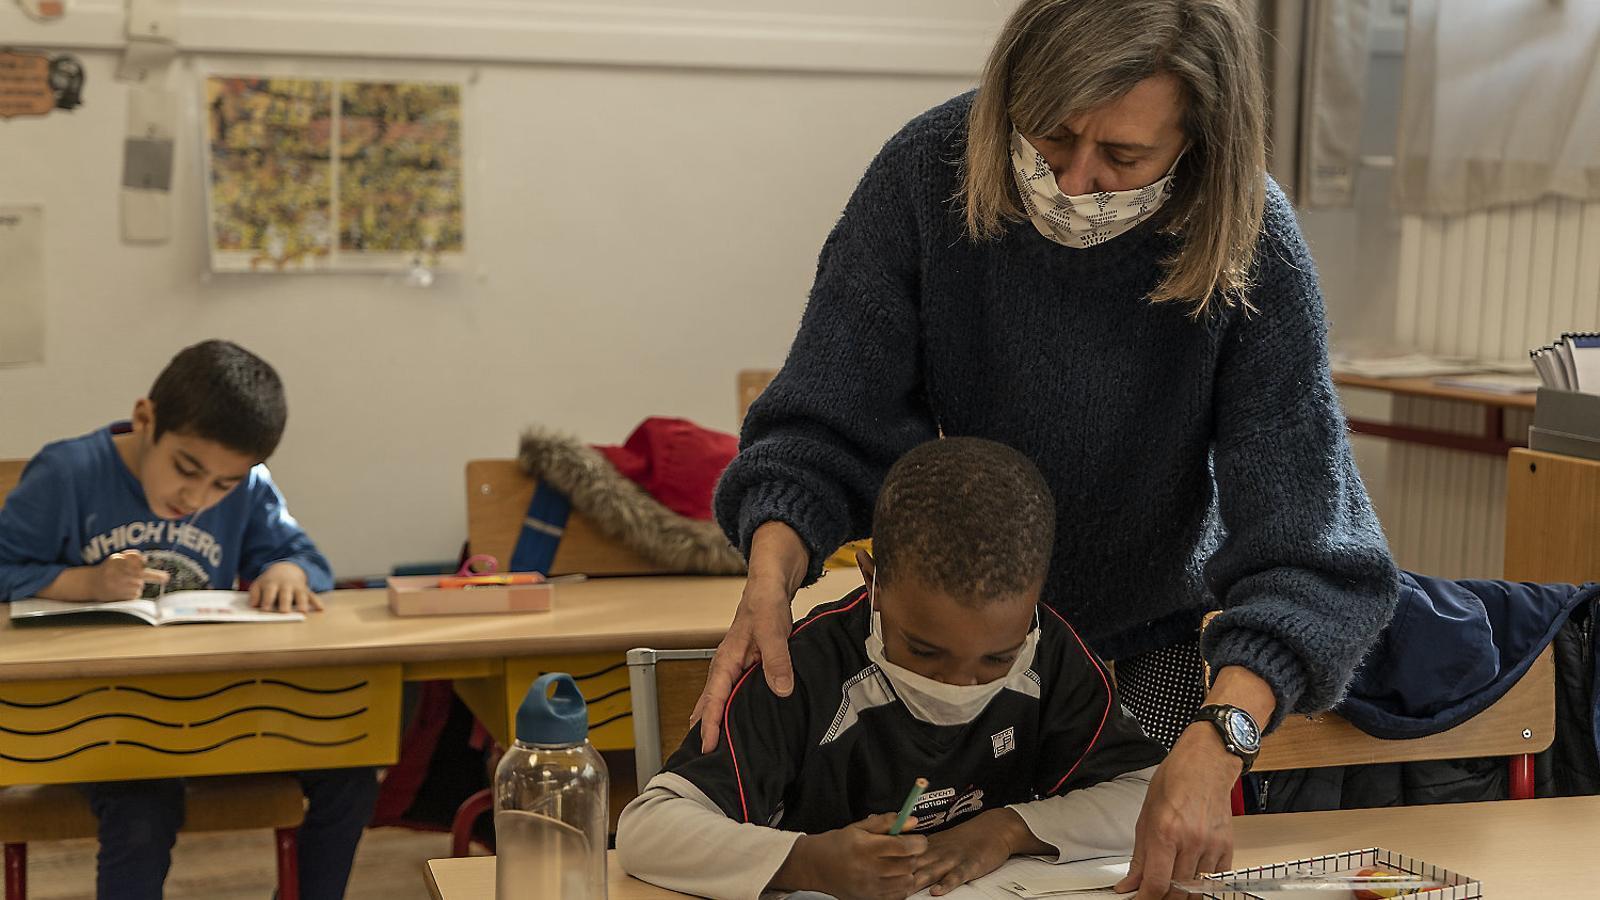 Una professora i un alumne, tots dos amb mascareta, durant una classe en una escola de París.